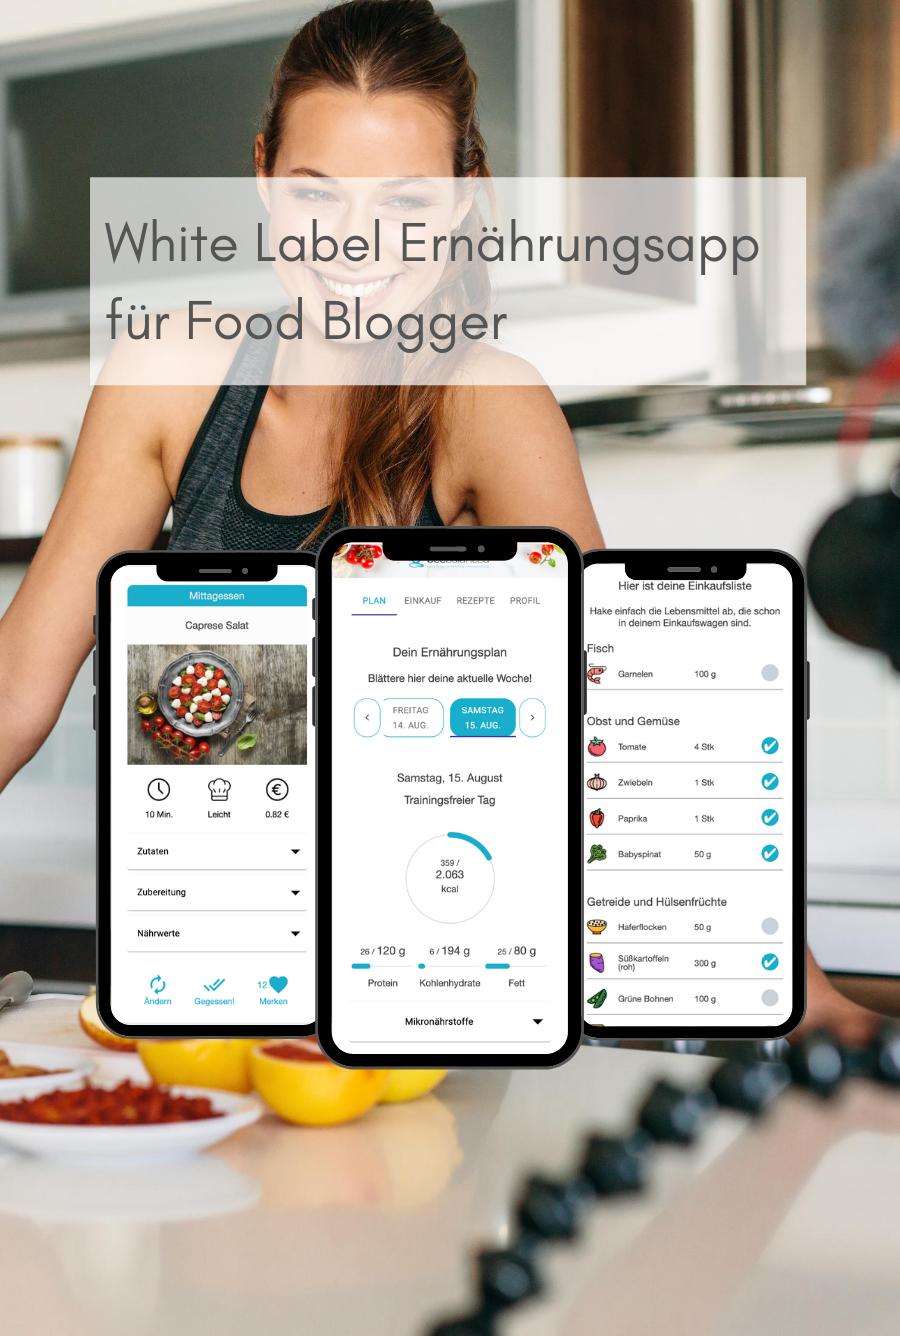 White Label Ernährungs-App für Food Blogger (mobil) - Ernährungspläne erstellen leicht gemacht